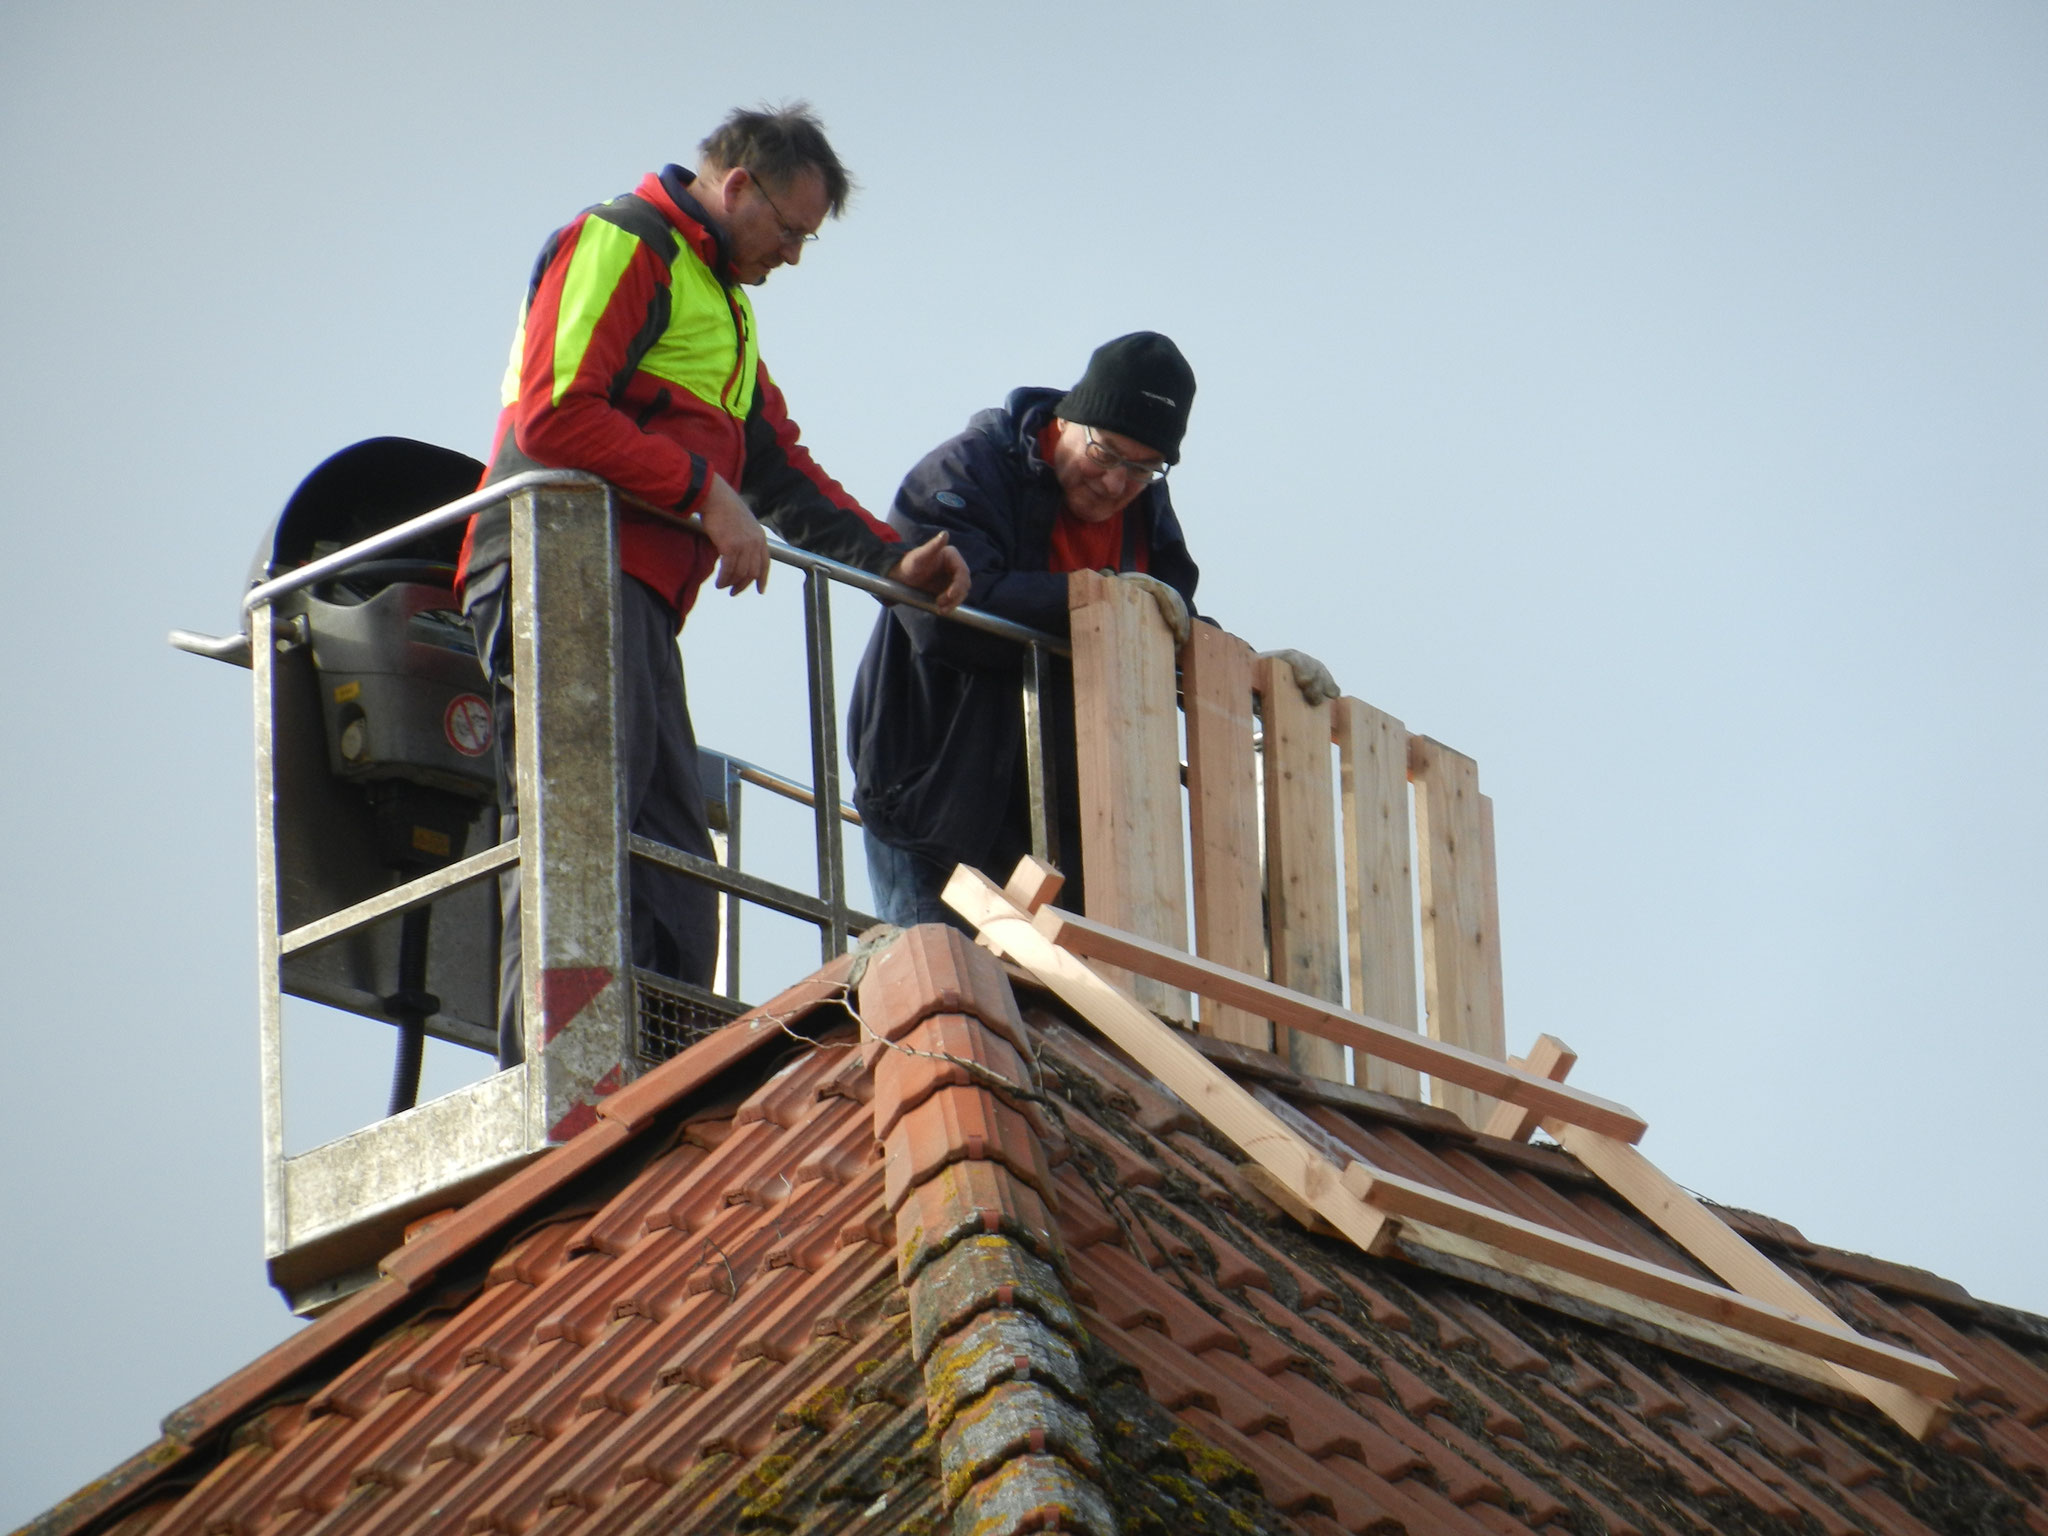 Das neue Holzgestell wird auf das Dach gesetzt ...